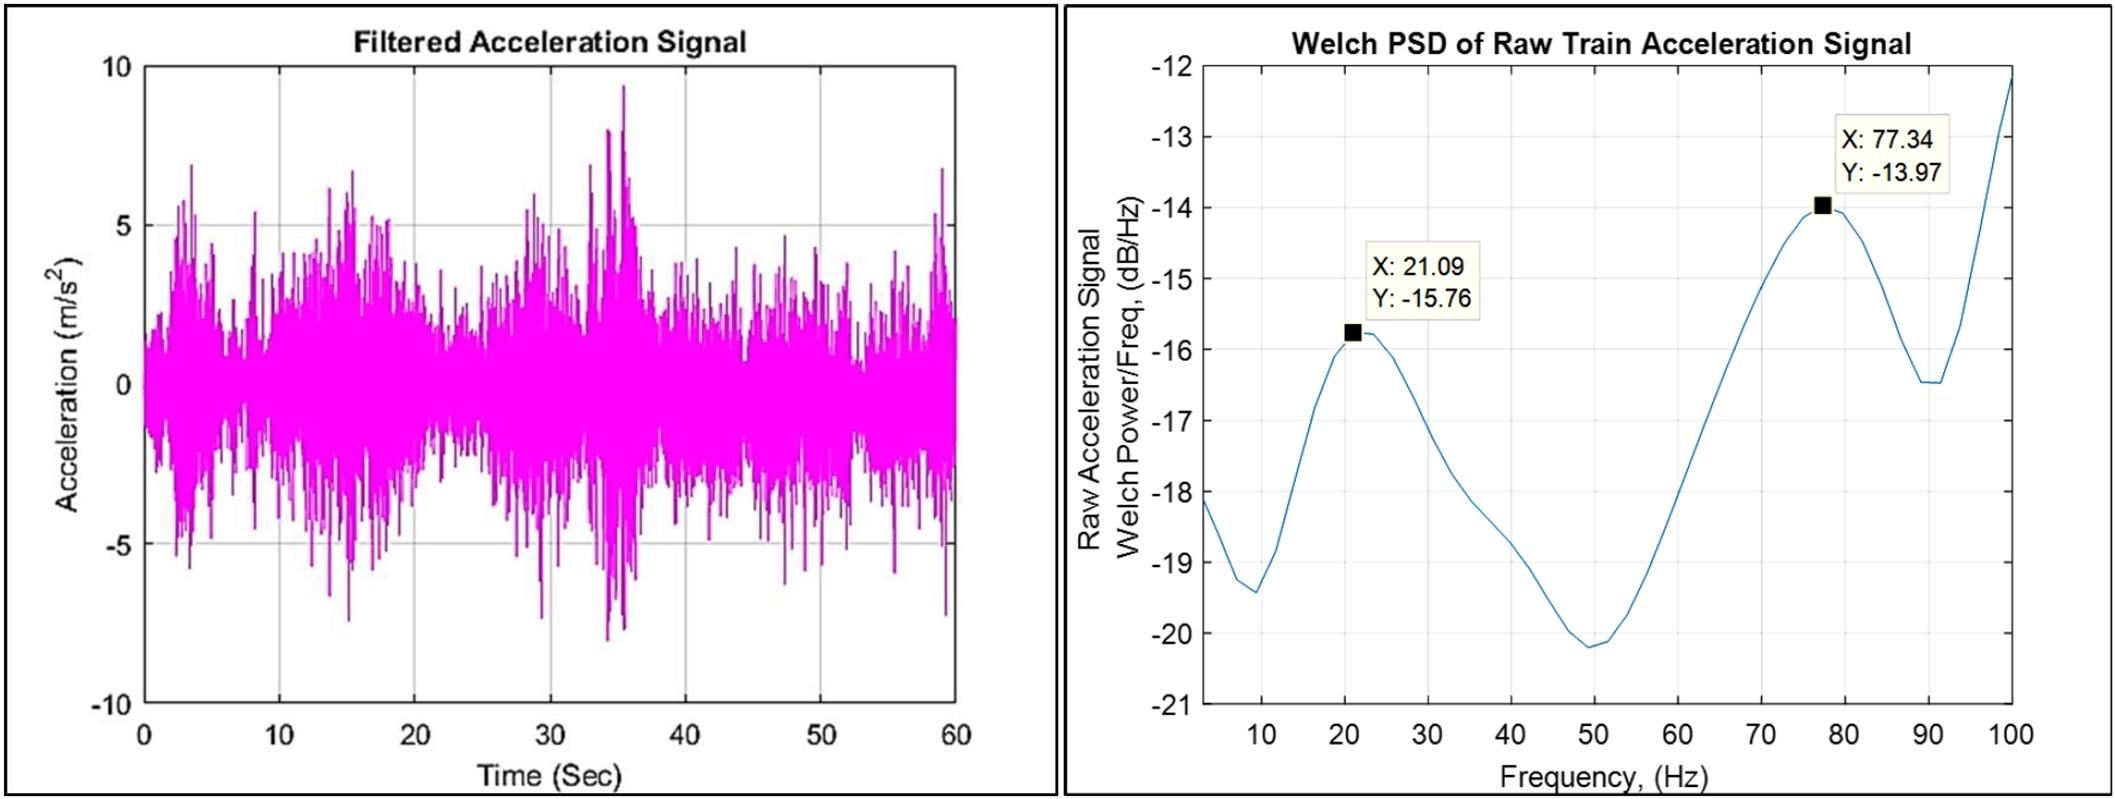 train-vibration-data